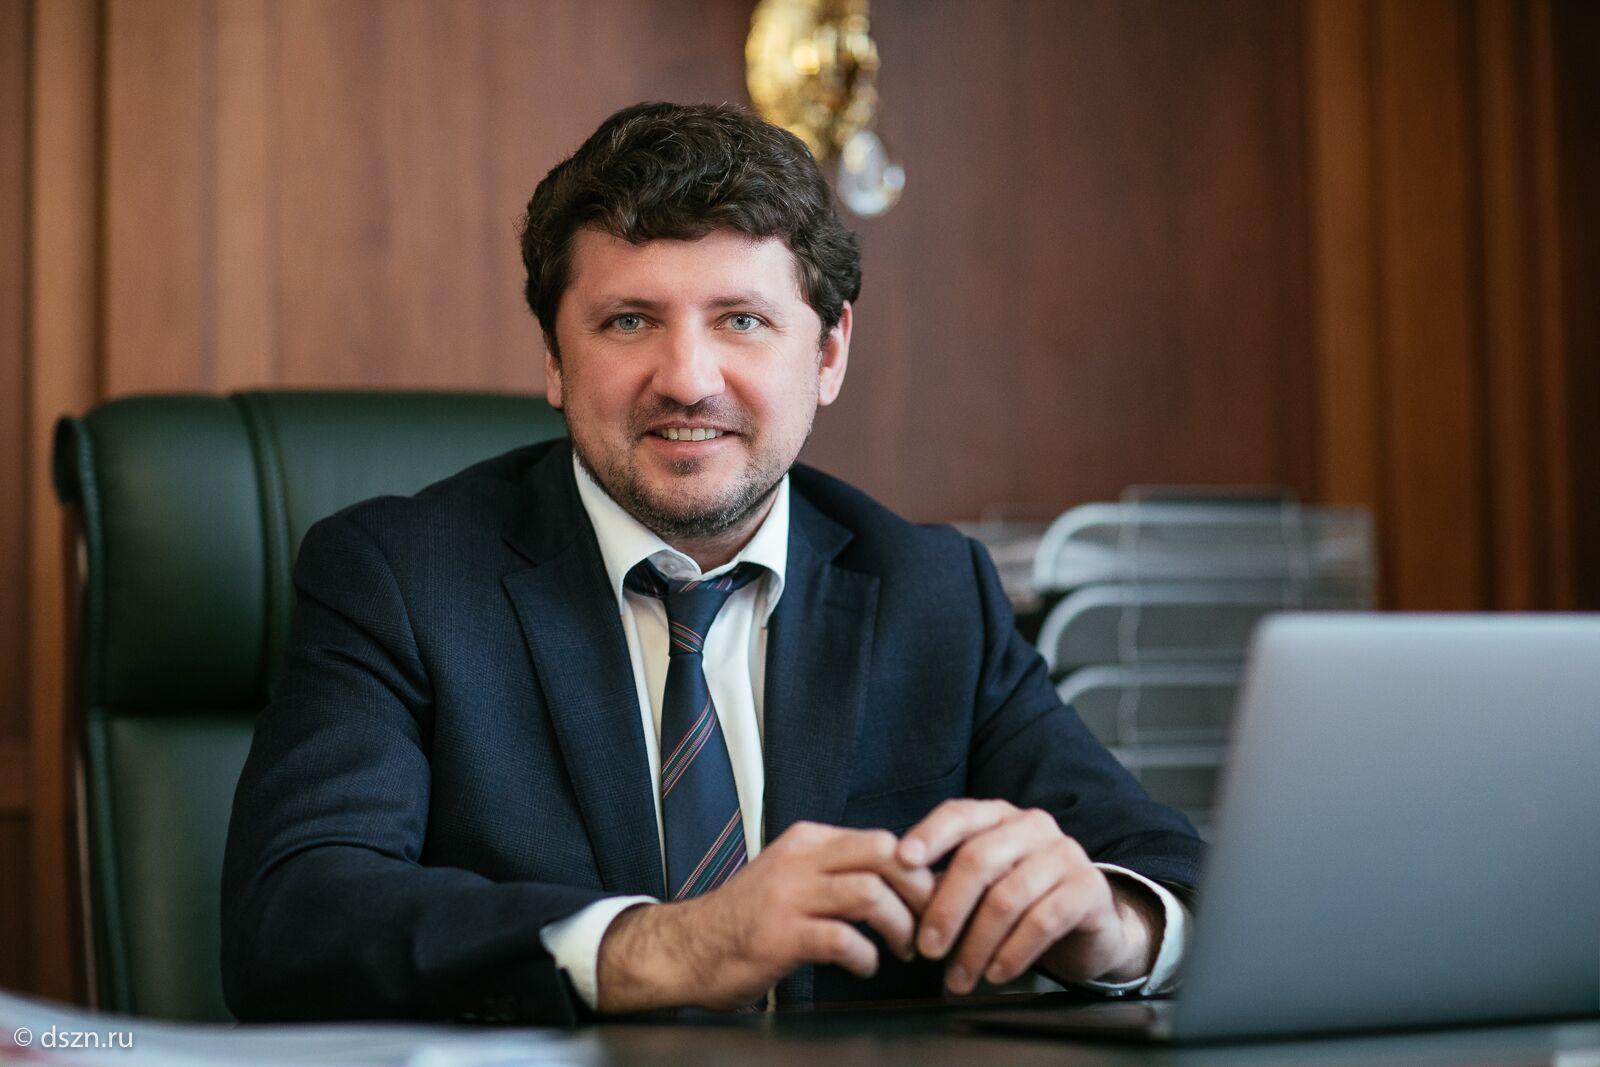 Евгений Стружак, руководитель Департамента труда исоциальной защиты населения города Москвы, также участвовал вонлайн-встрече